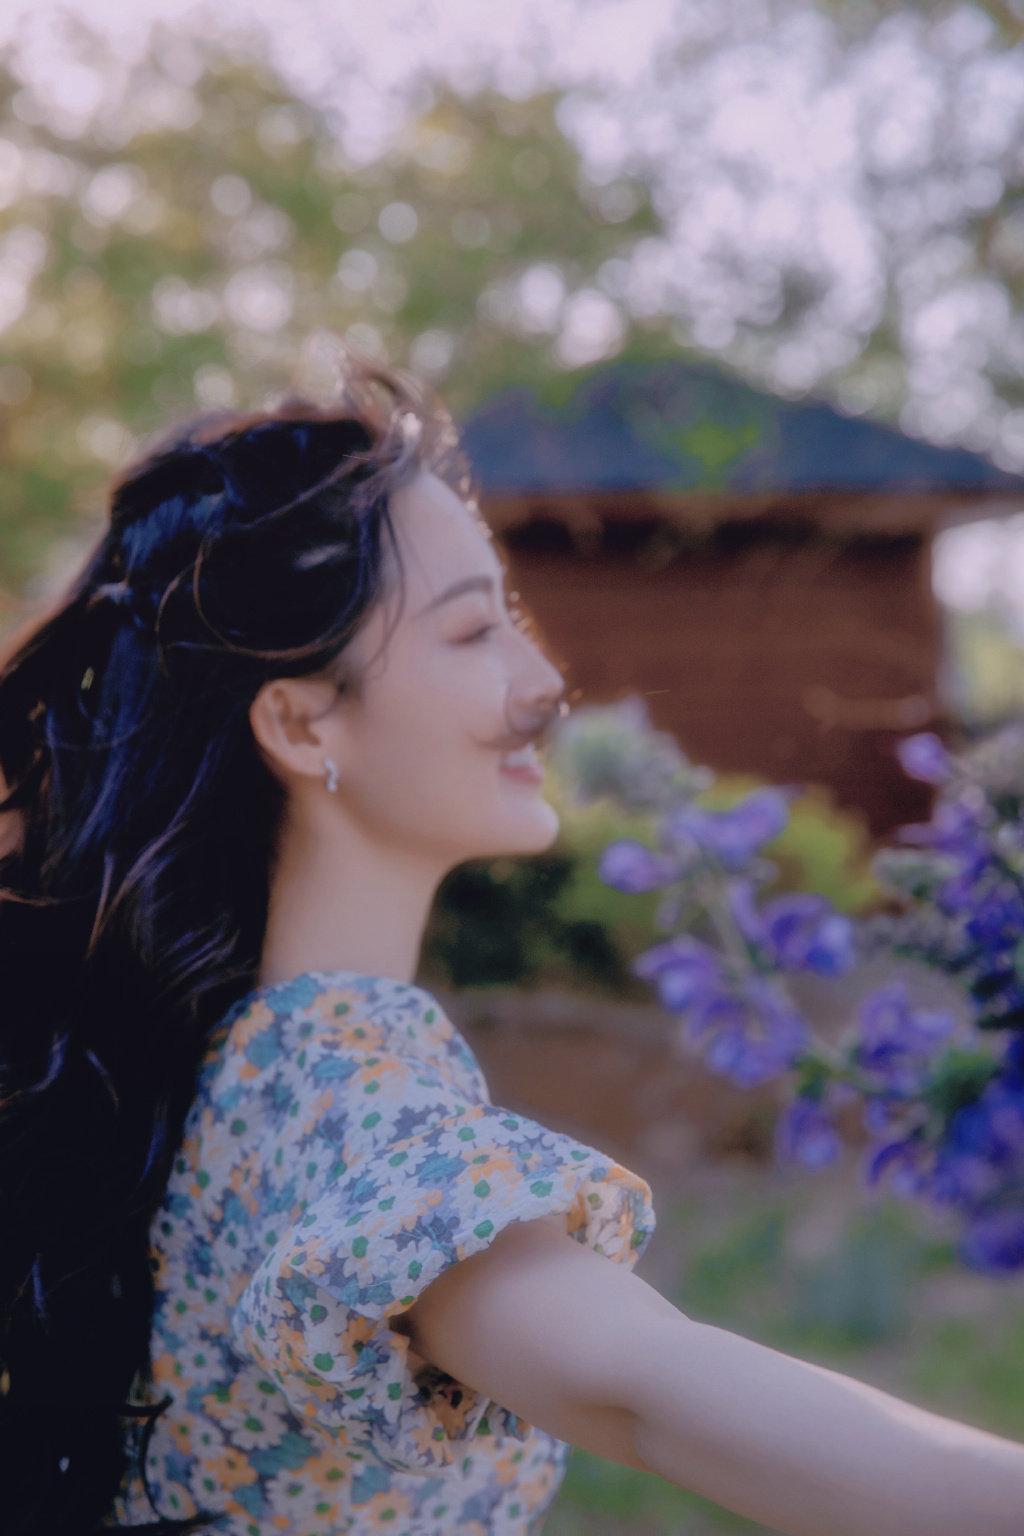 李沁户外唯美写真照 身着紫色碎花裙,薰衣草弥漫着清香港夏日气息~ 